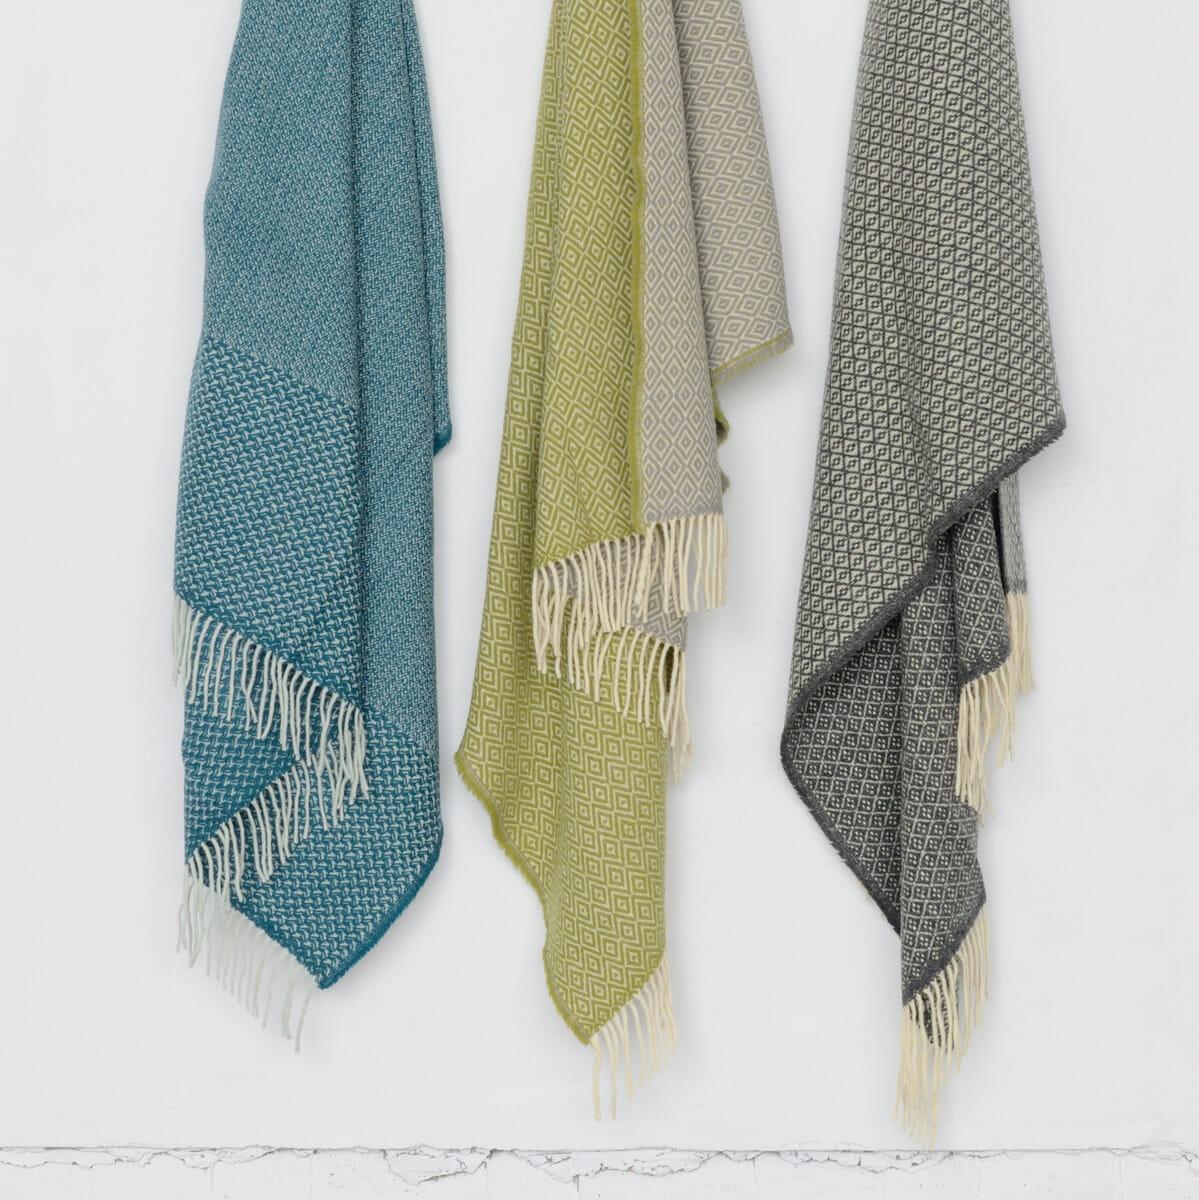 """ものがたりのある素材と手しごとから生まれるポルトガルの商品を紹介するライフスタイルブランド「&COMPLE(アンコンプレ)」の「Chicoração (シコラサォン)」シリーズ。羊飼いたちのマントとして織られてきた伝統の織物をモチーフとしたブランケット。 <a href=""""https://cozyplus-inc.com/"""">https://cozyplus-inc.com/</a>"""